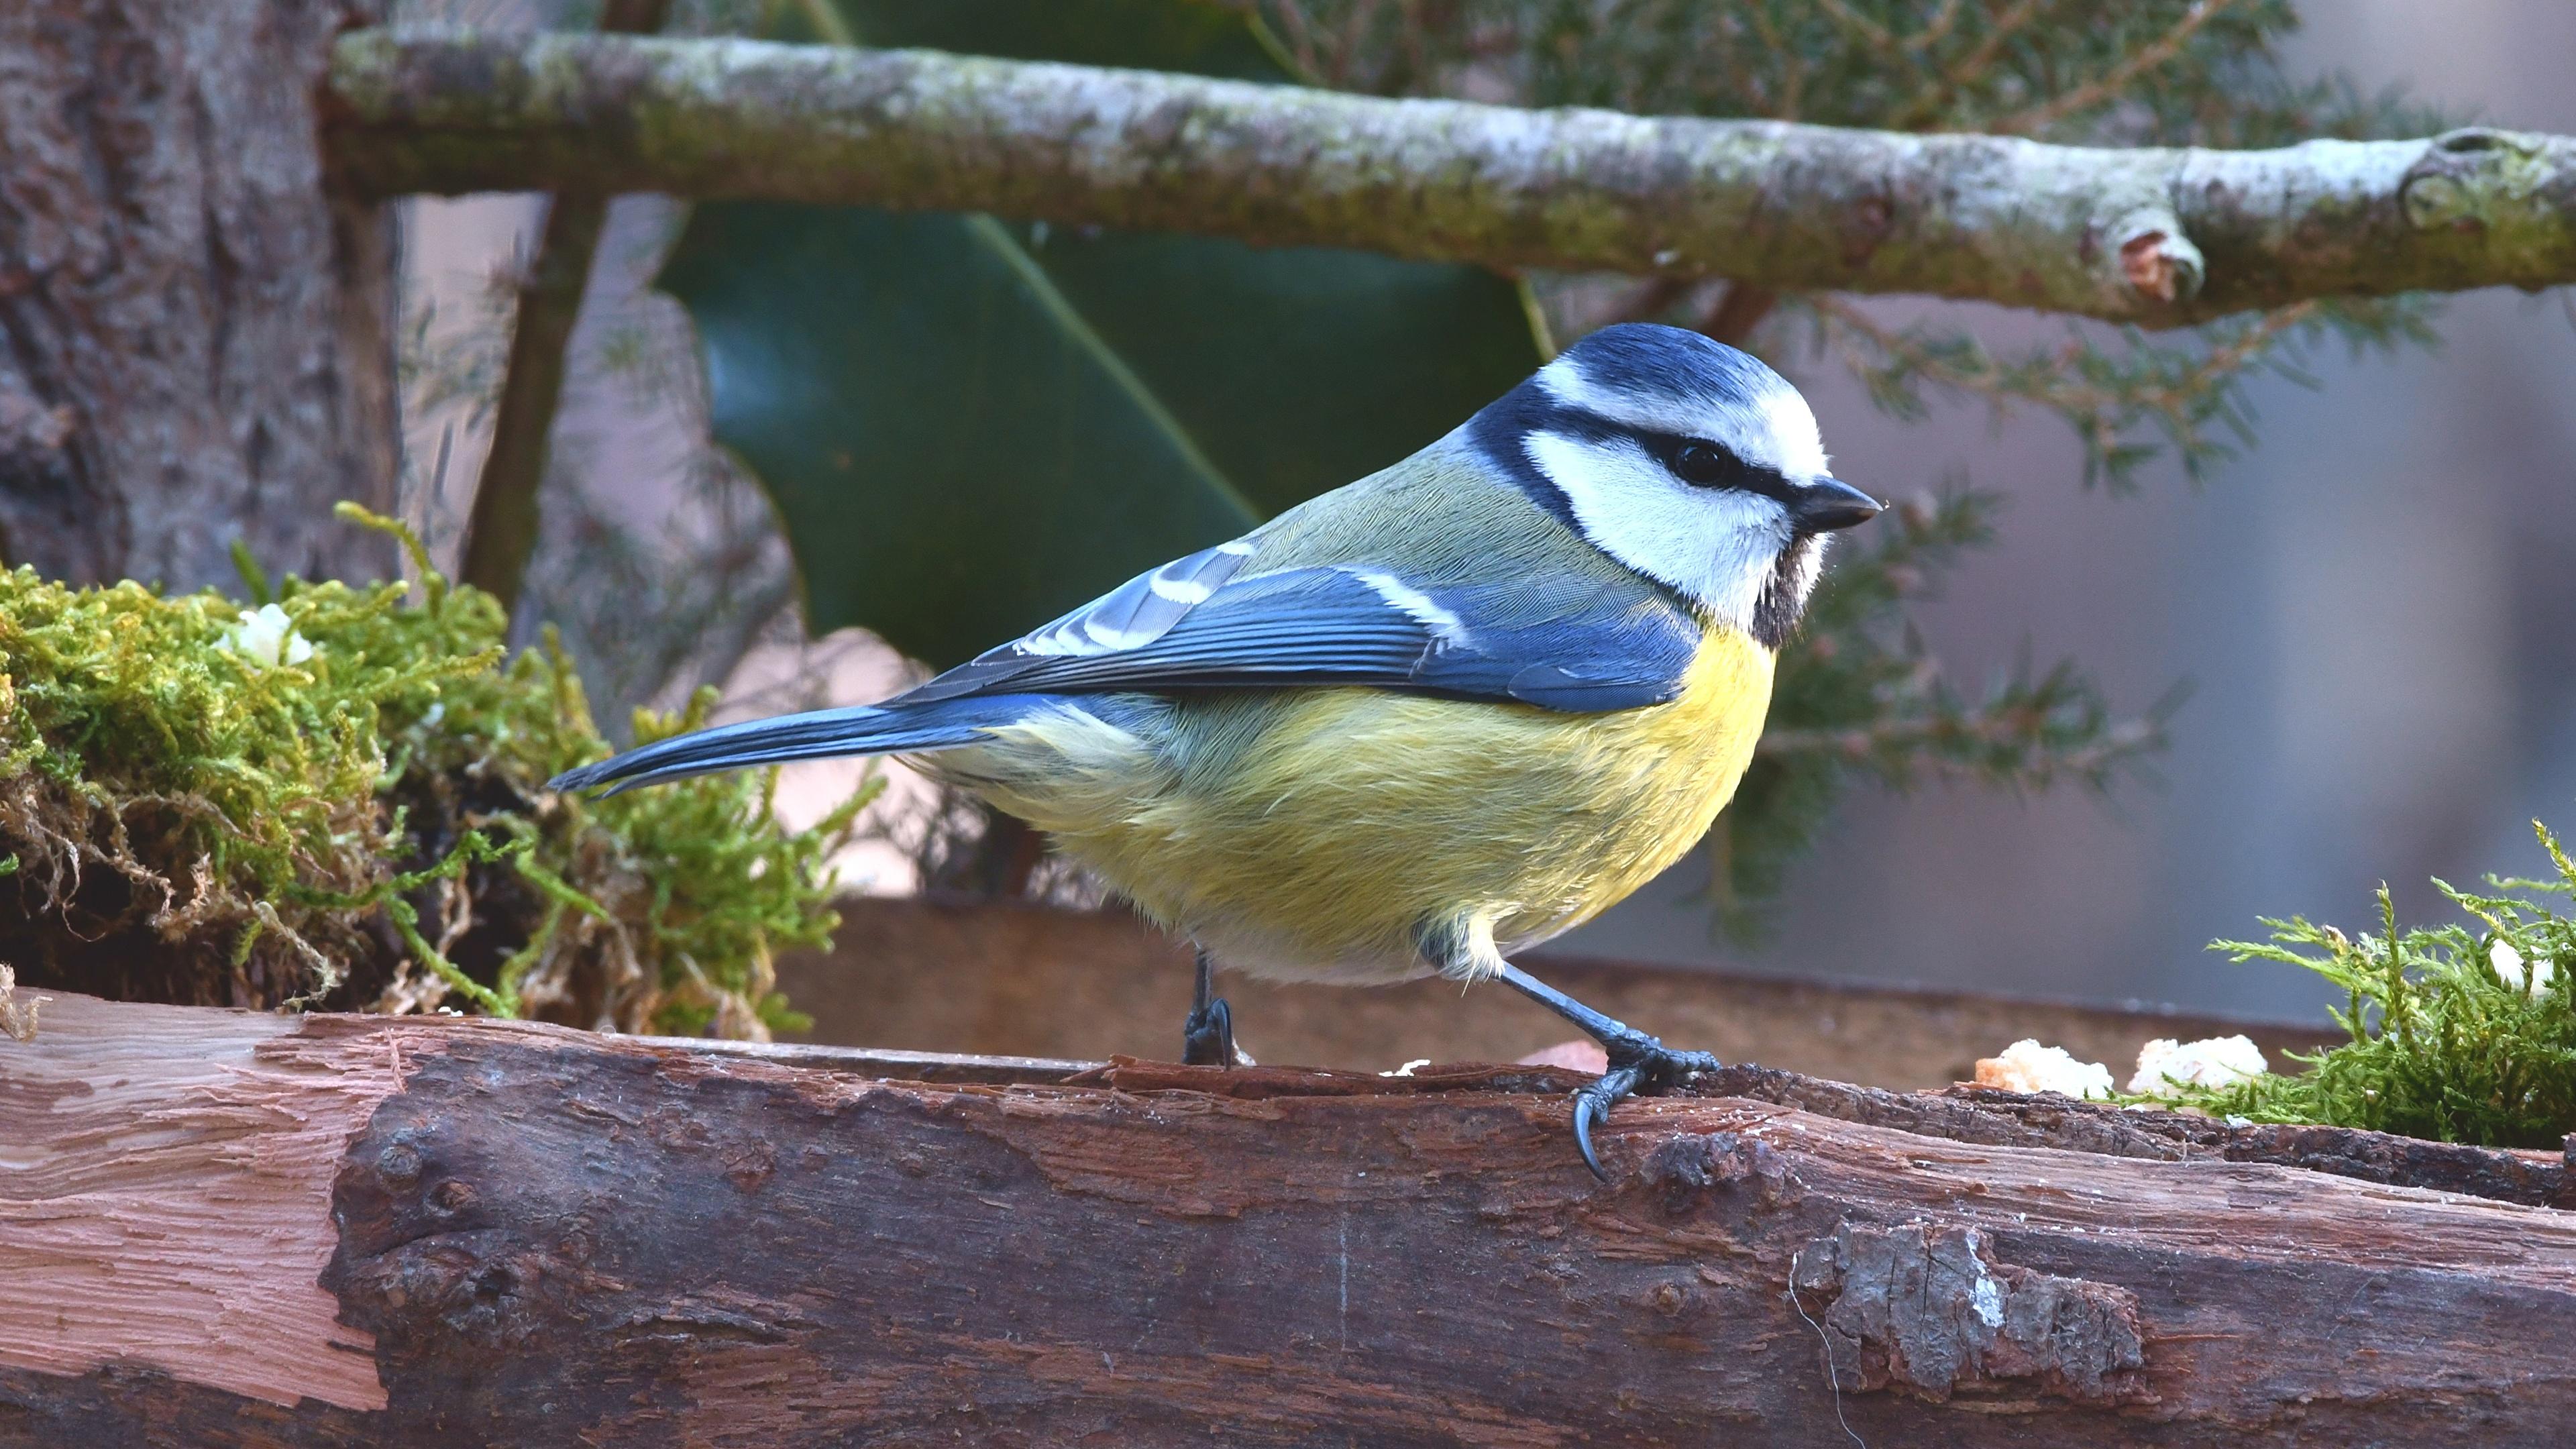 Bilder ein Tier Vögel parus Ast 3840x2160 Tiere Meise meisen